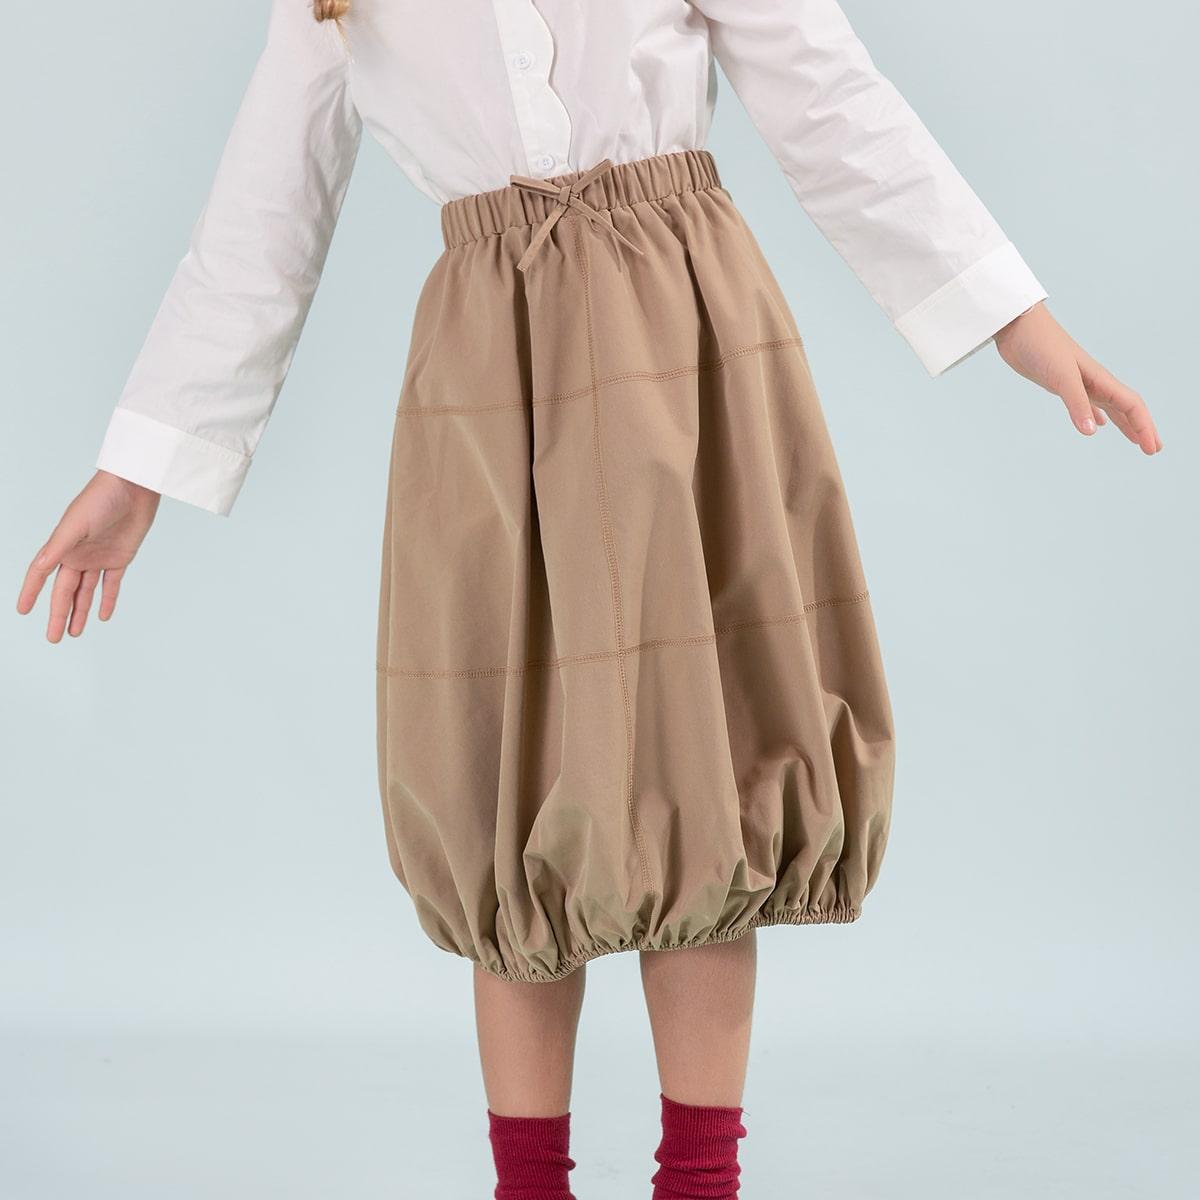 С бантм перед одноцветный повседневный юбки для девочек